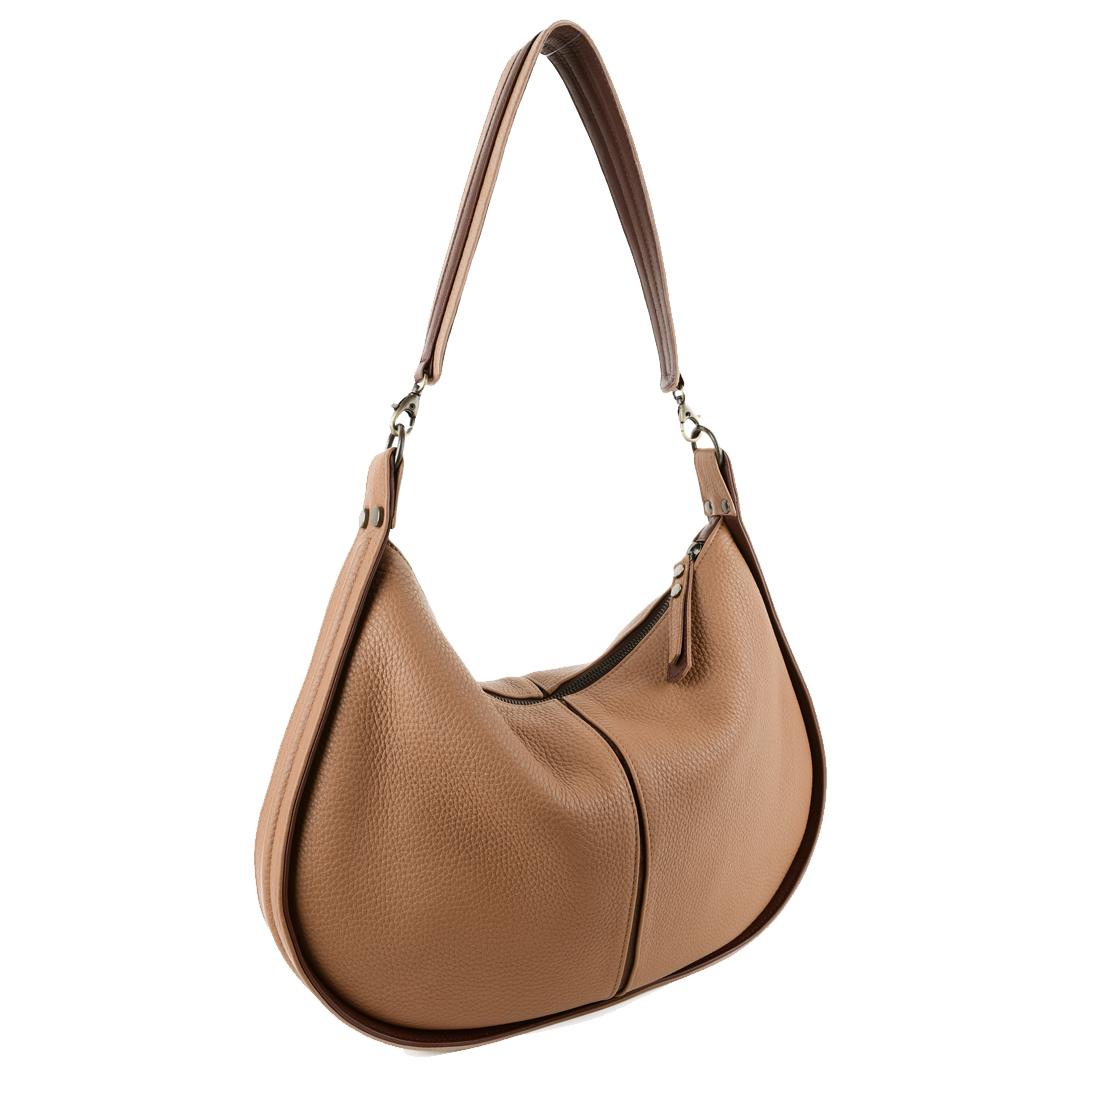 Lizzie Camel Leather Shoulder Bag